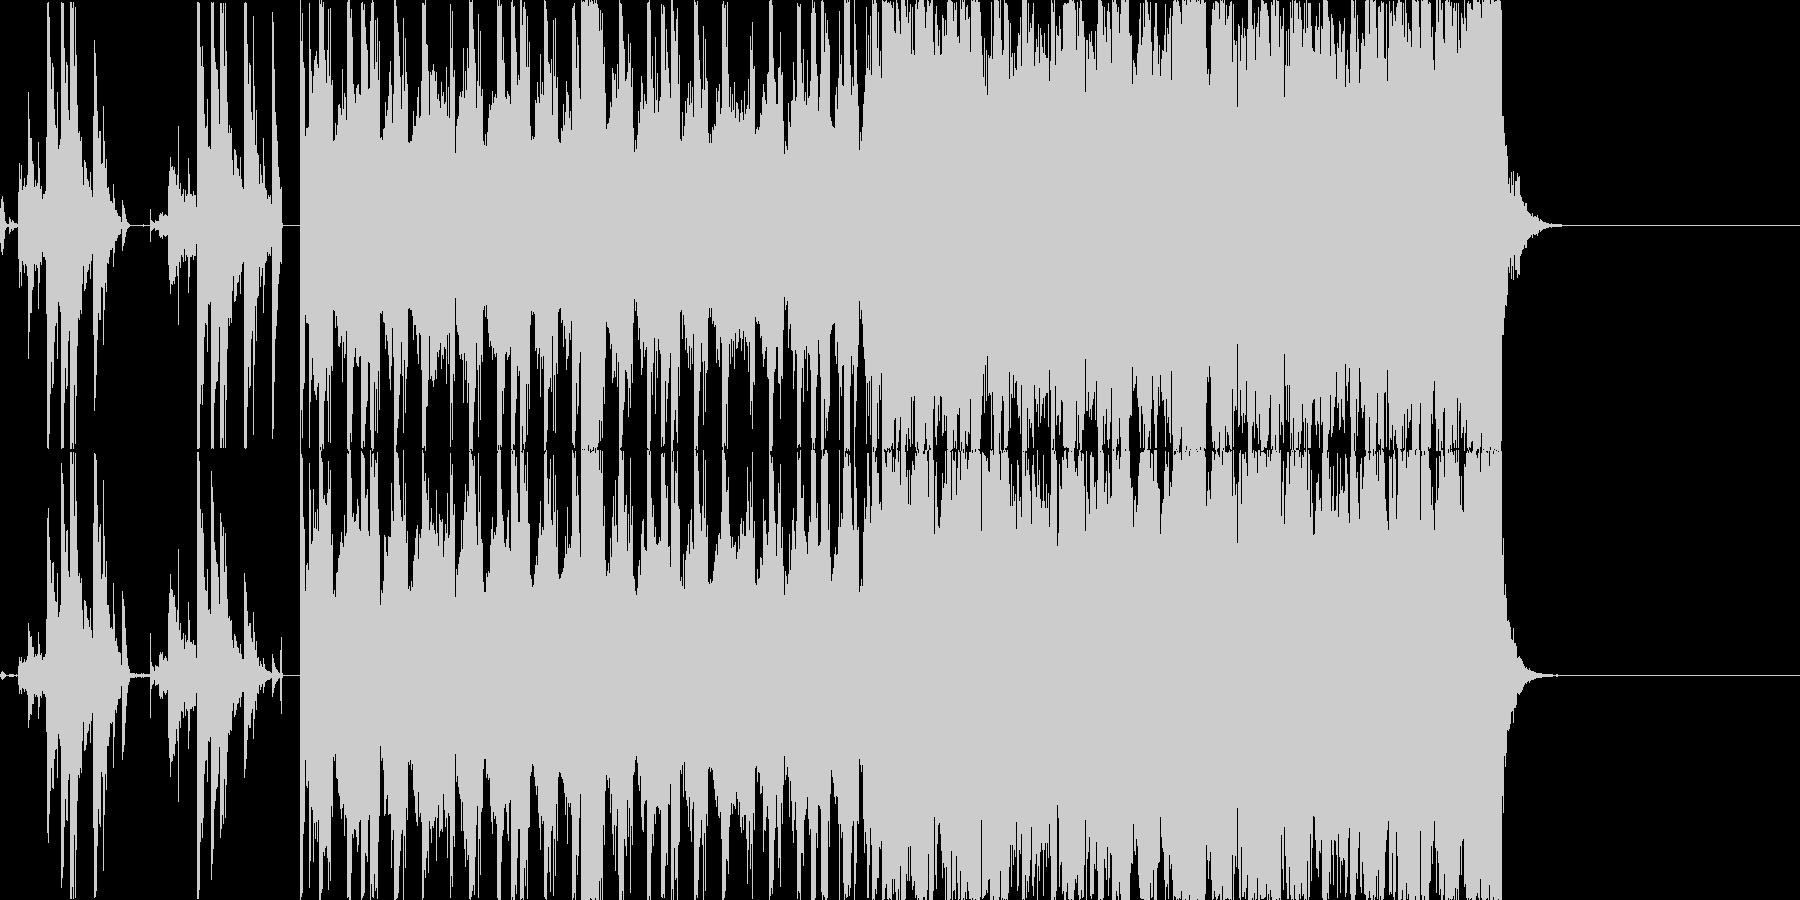 【オープニング等】クールなドラムンベースの未再生の波形